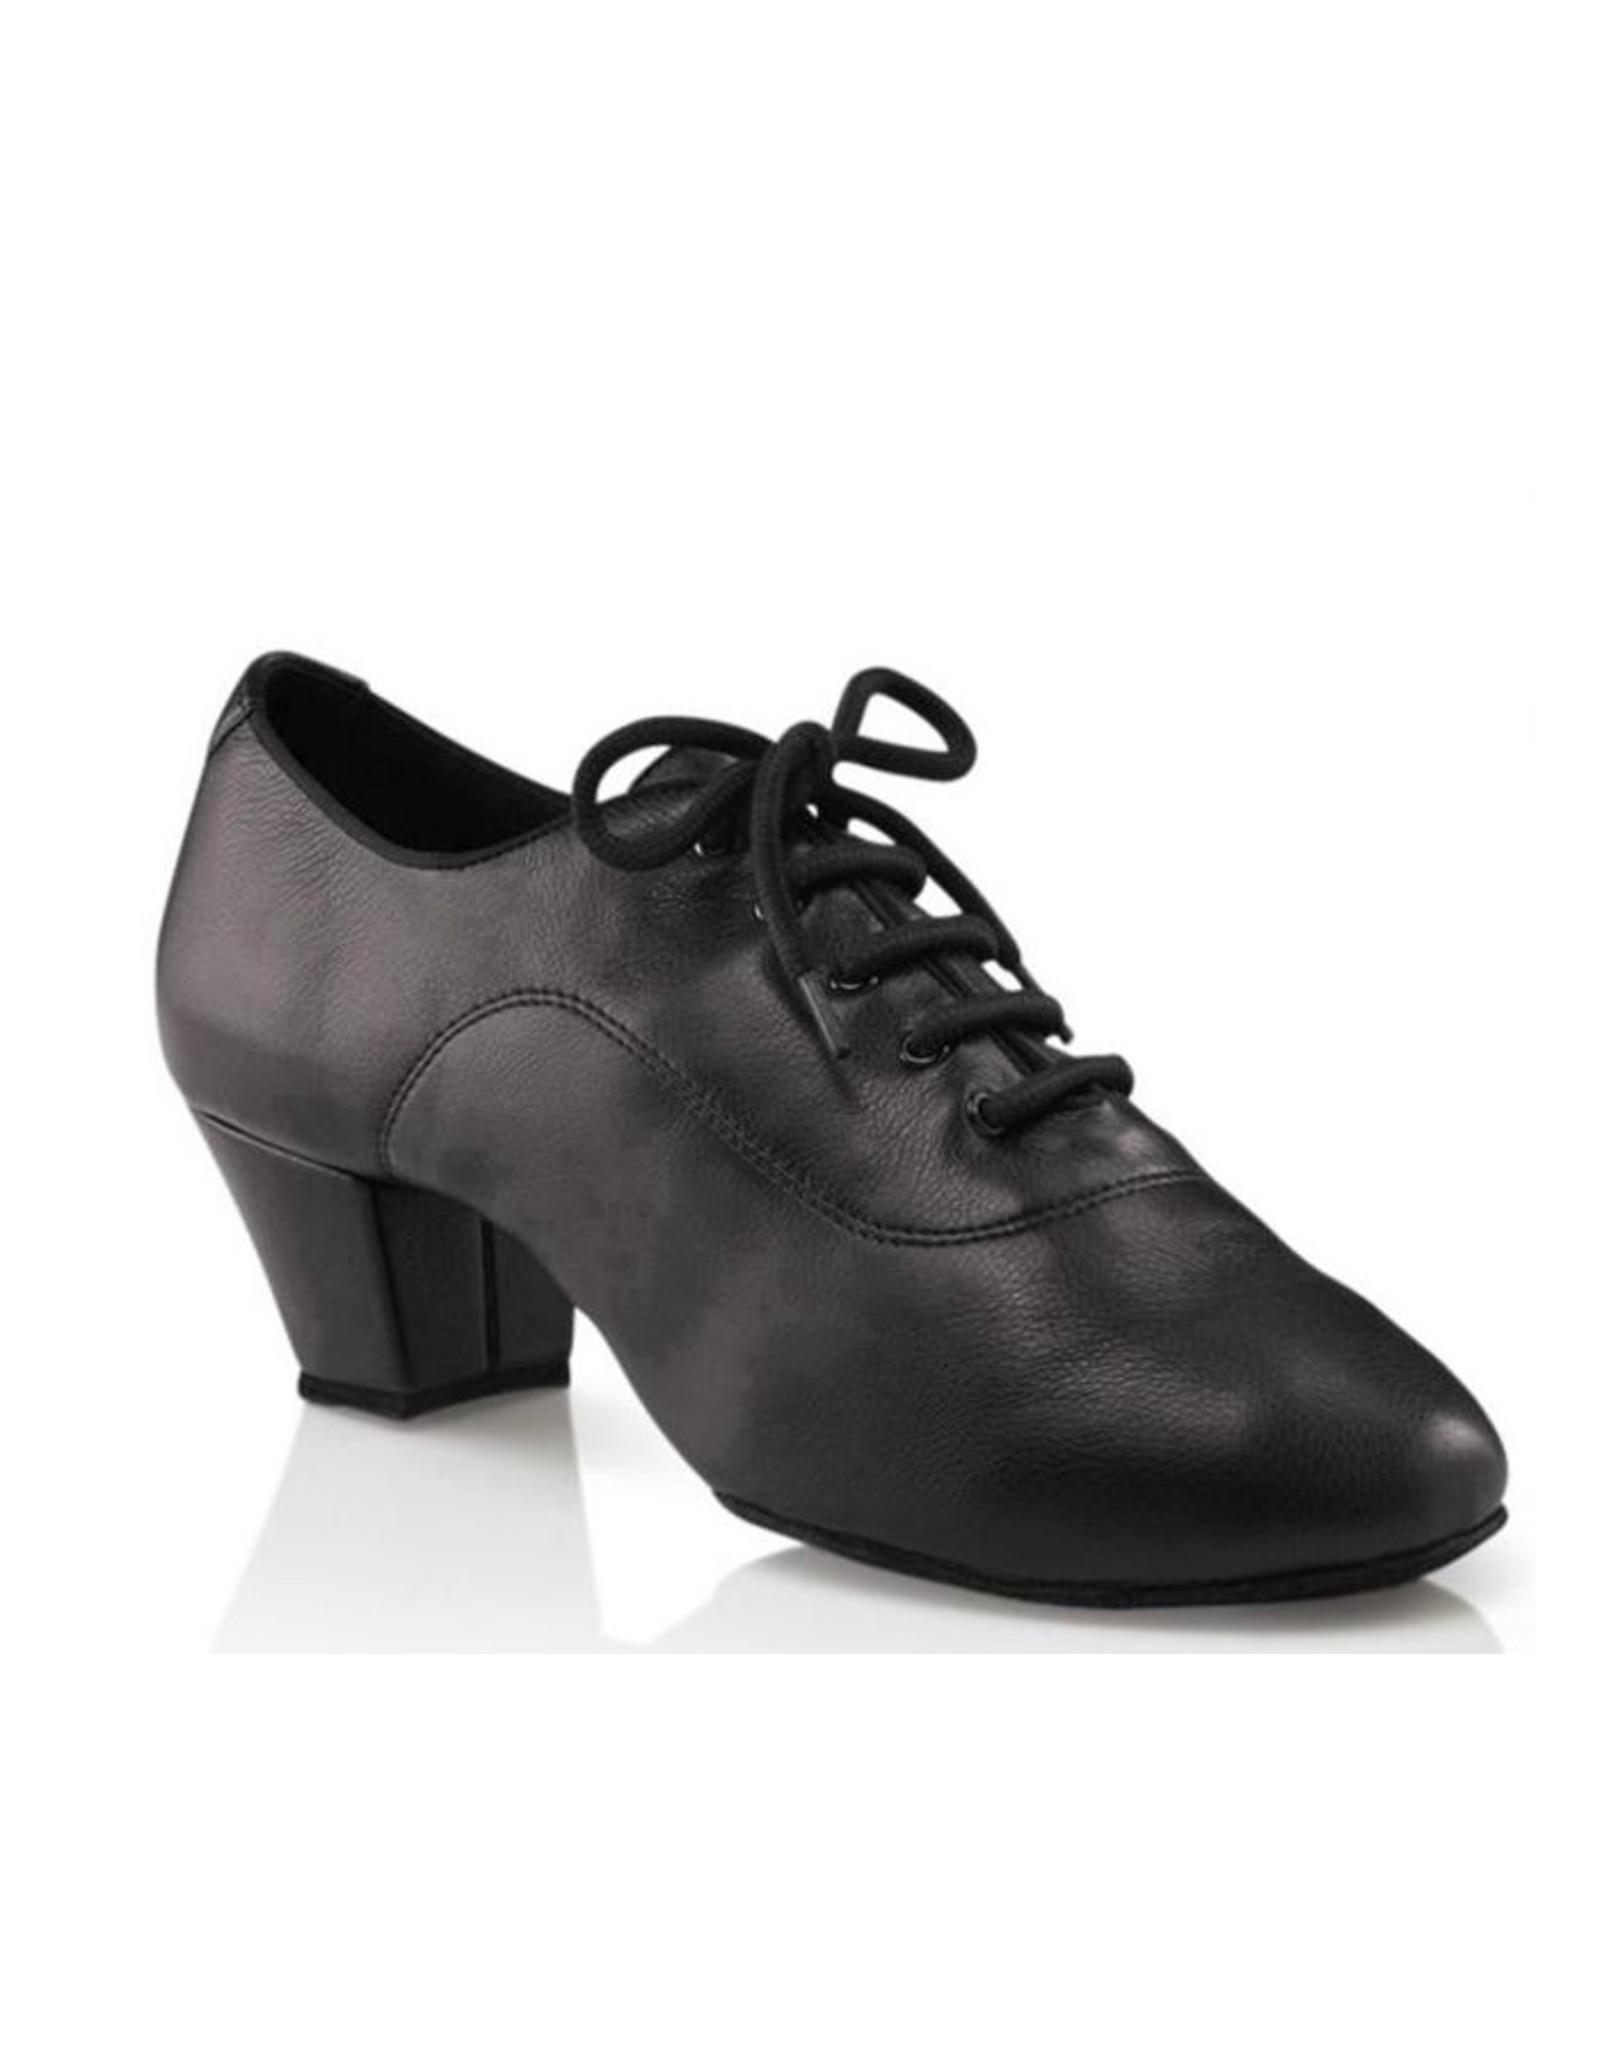 Capezio Capezio Mens Latin Ballroom Shoe